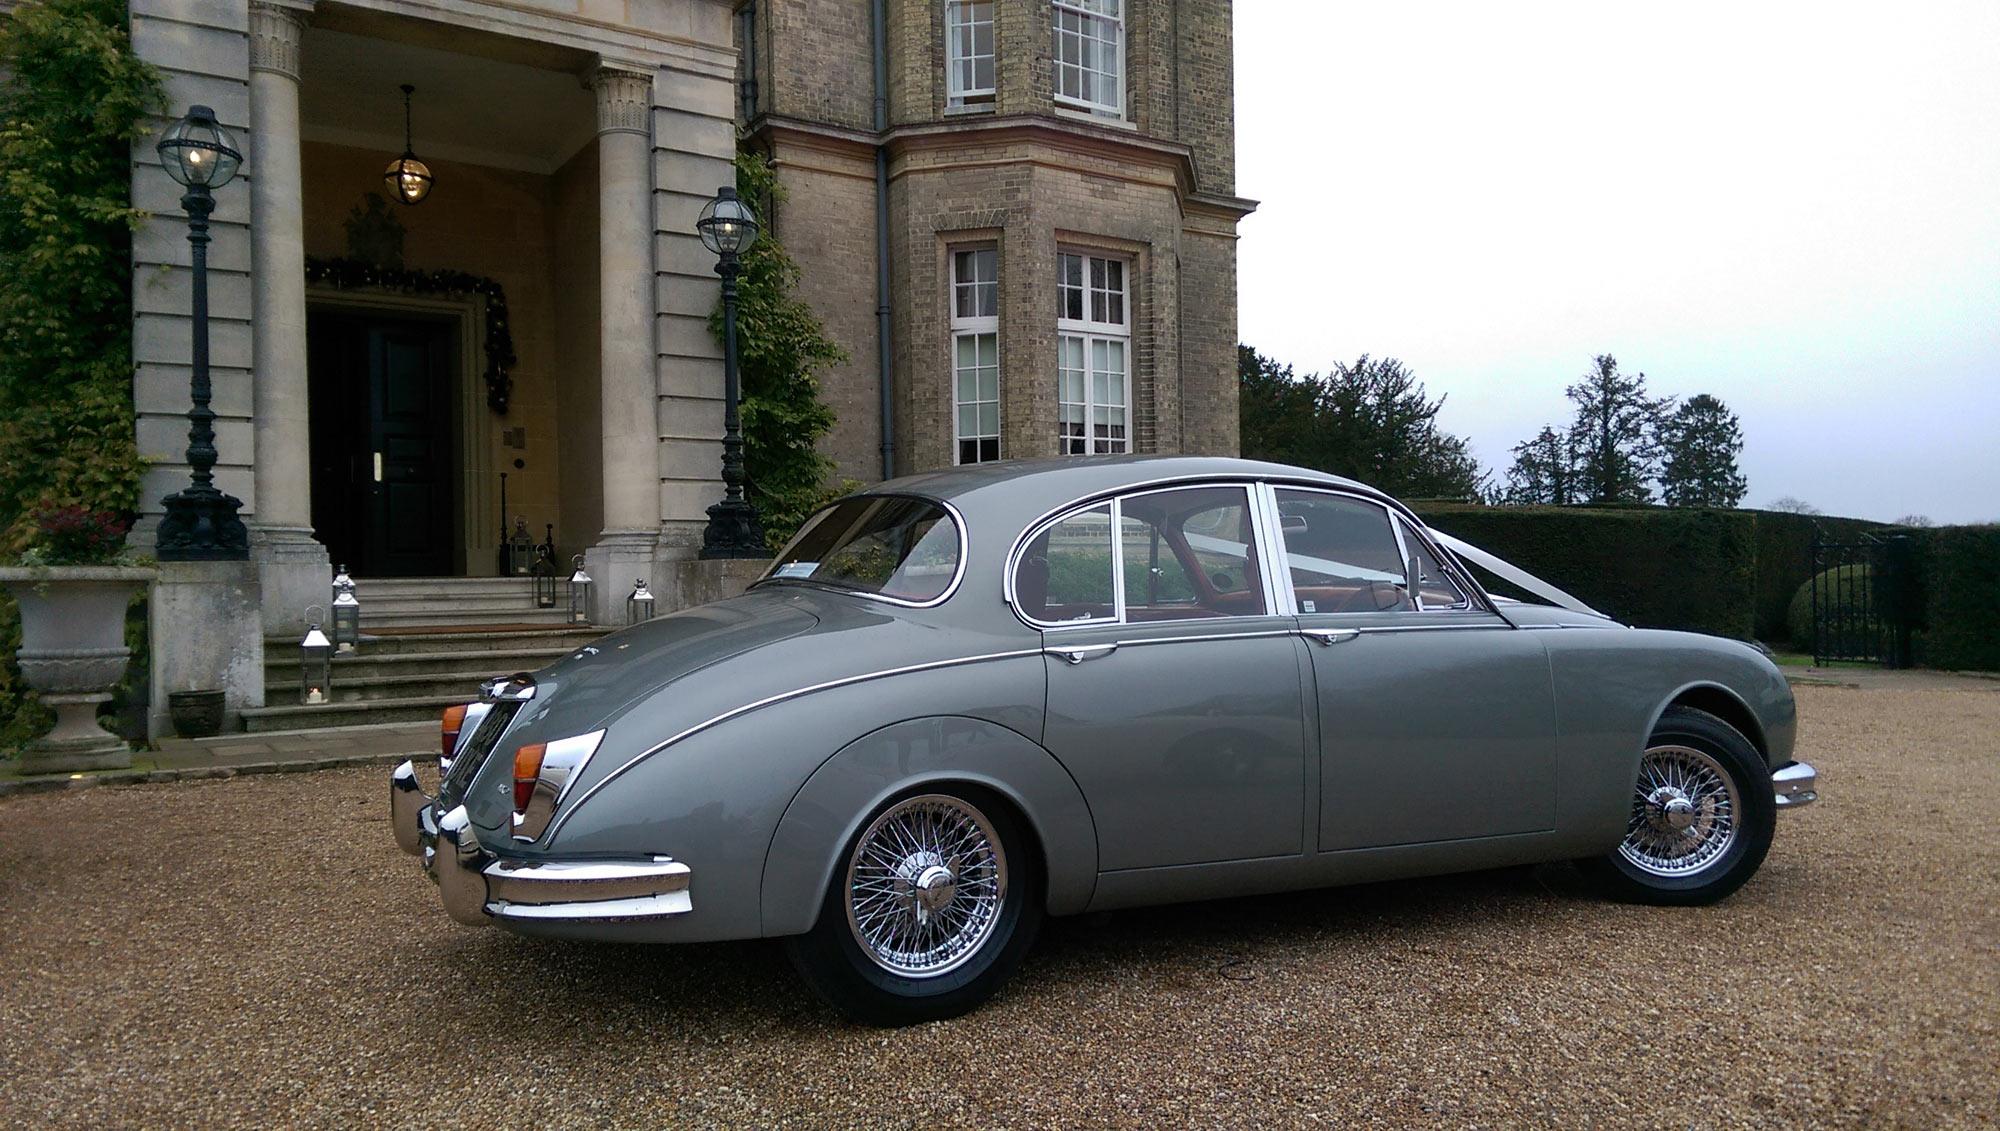 Jaguar Mk2 at Hedsor House